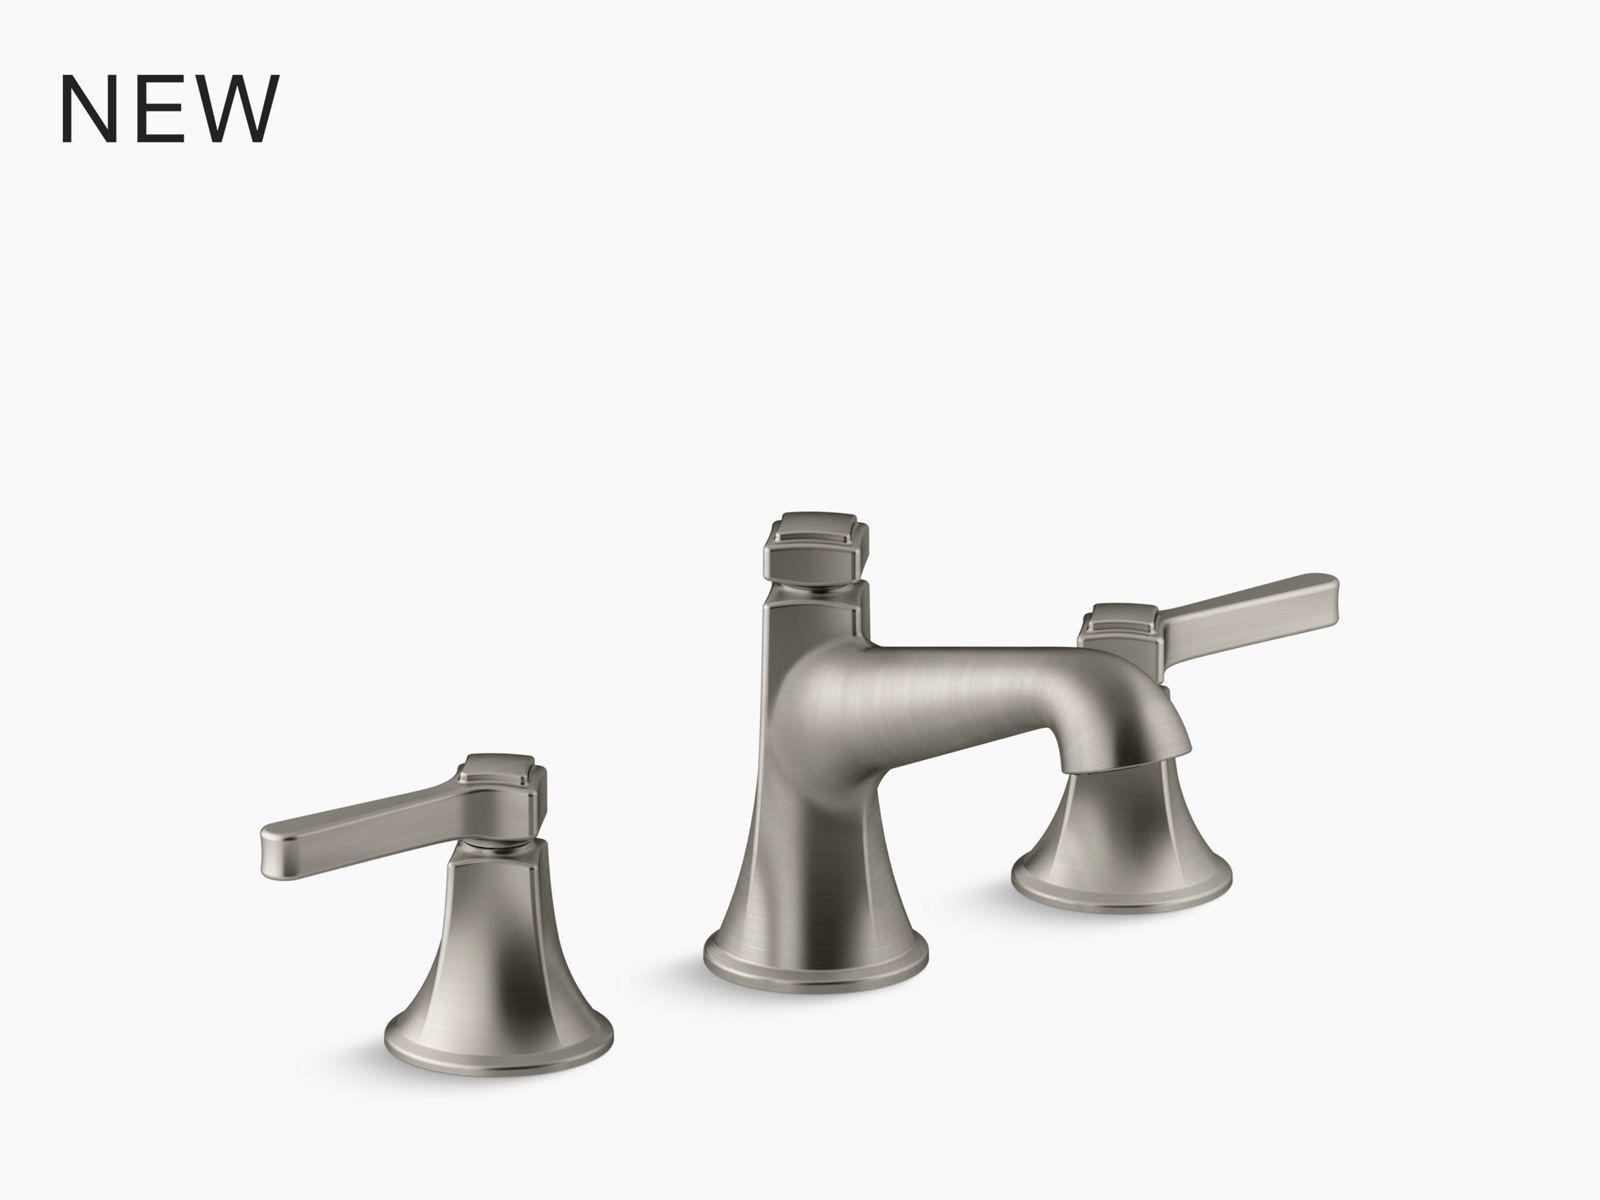 ridgeport single handle bathroom sink faucet